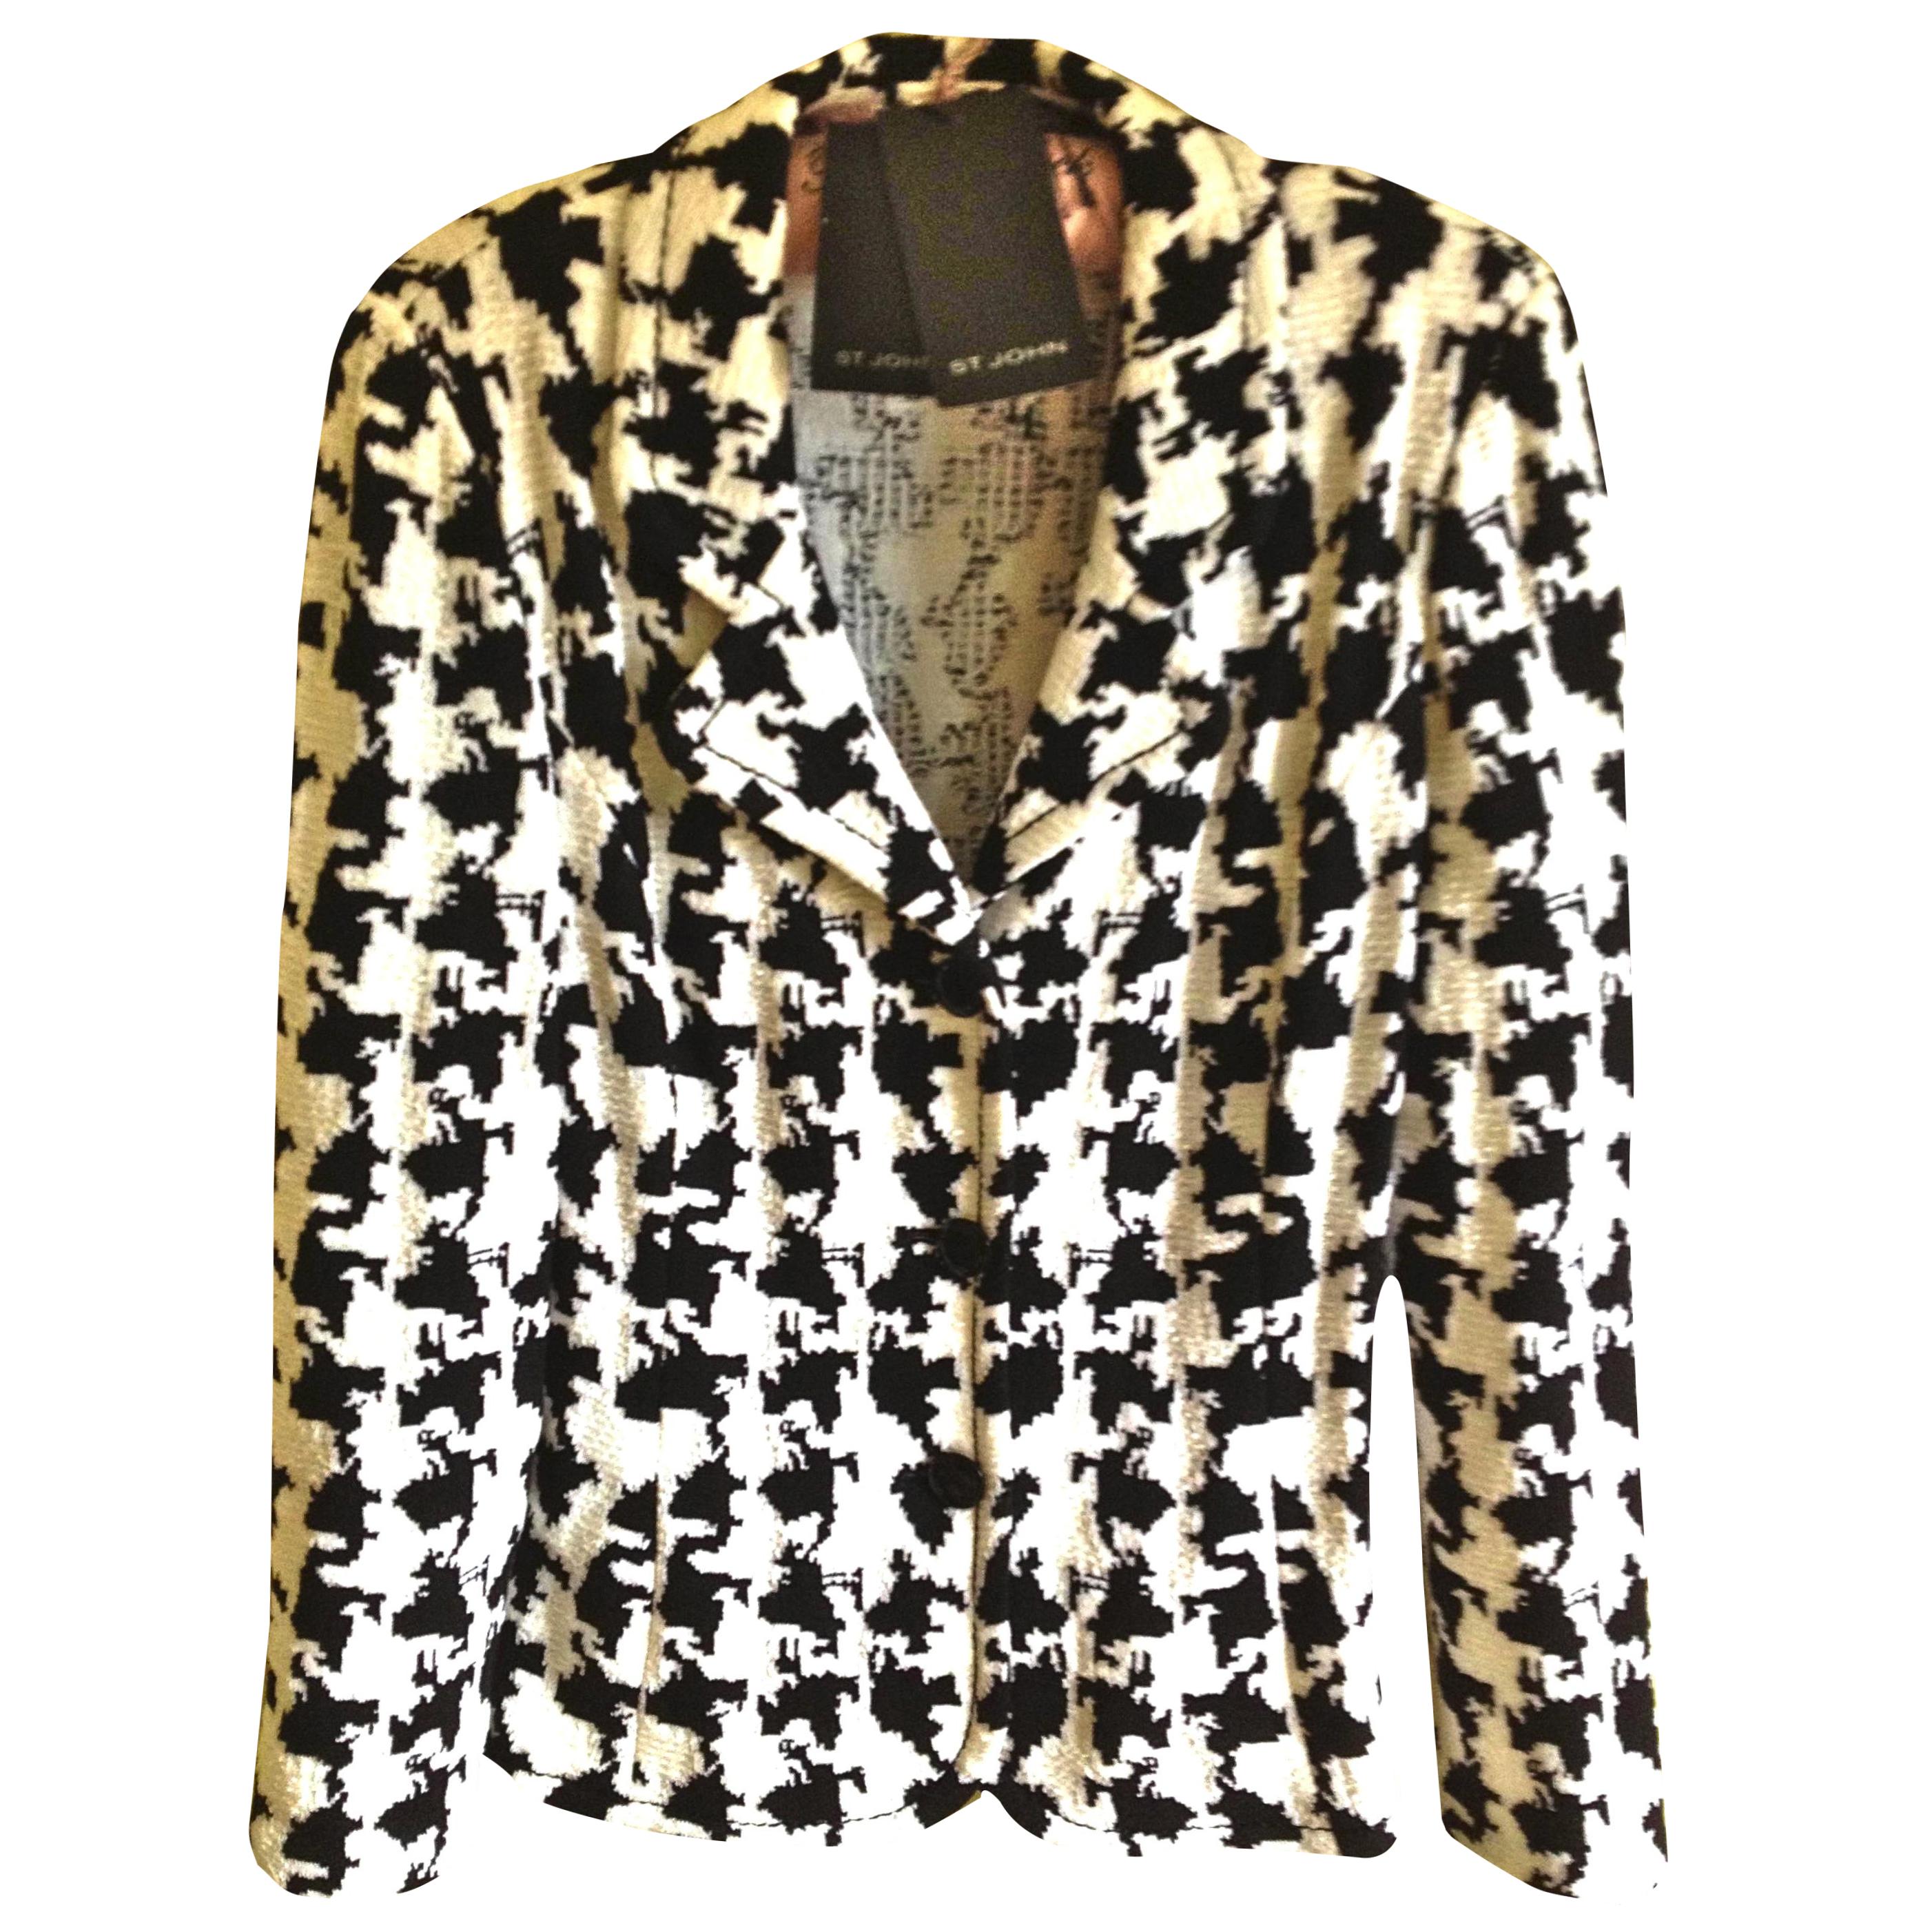 St. John black and white jacket